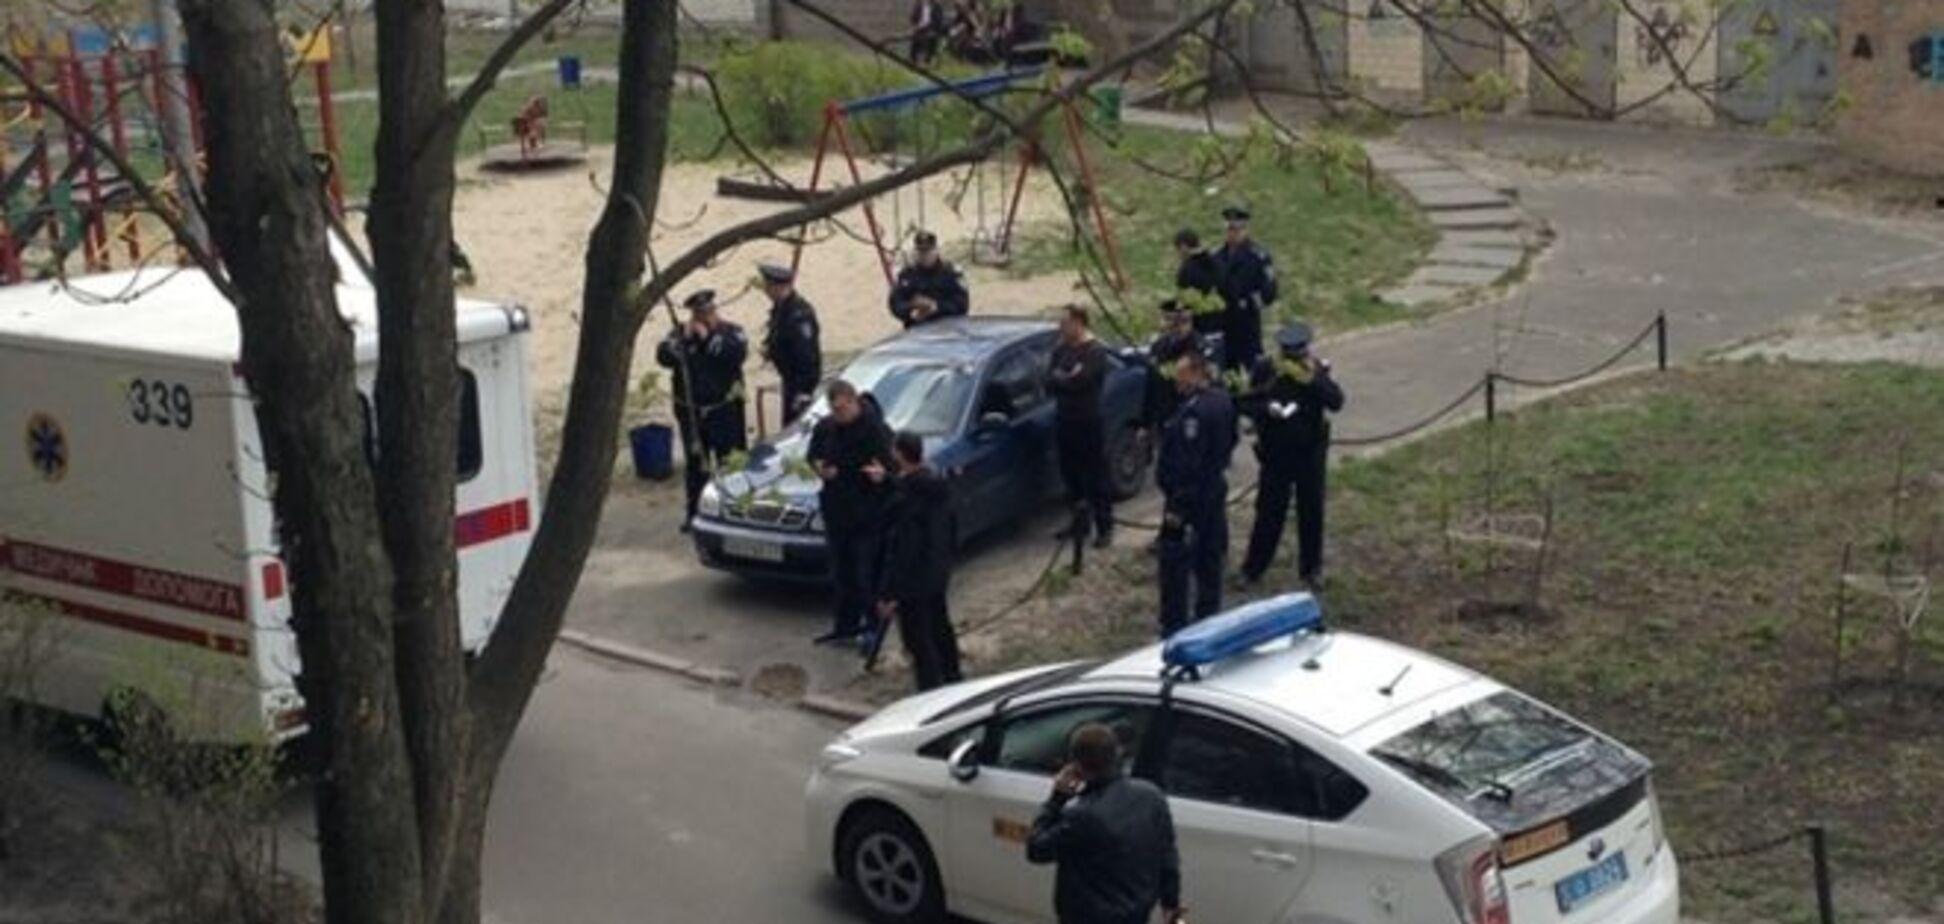 Кому вигідно перетворити Київ на Донецьк: журналіст назвав версії резонансних вбивств